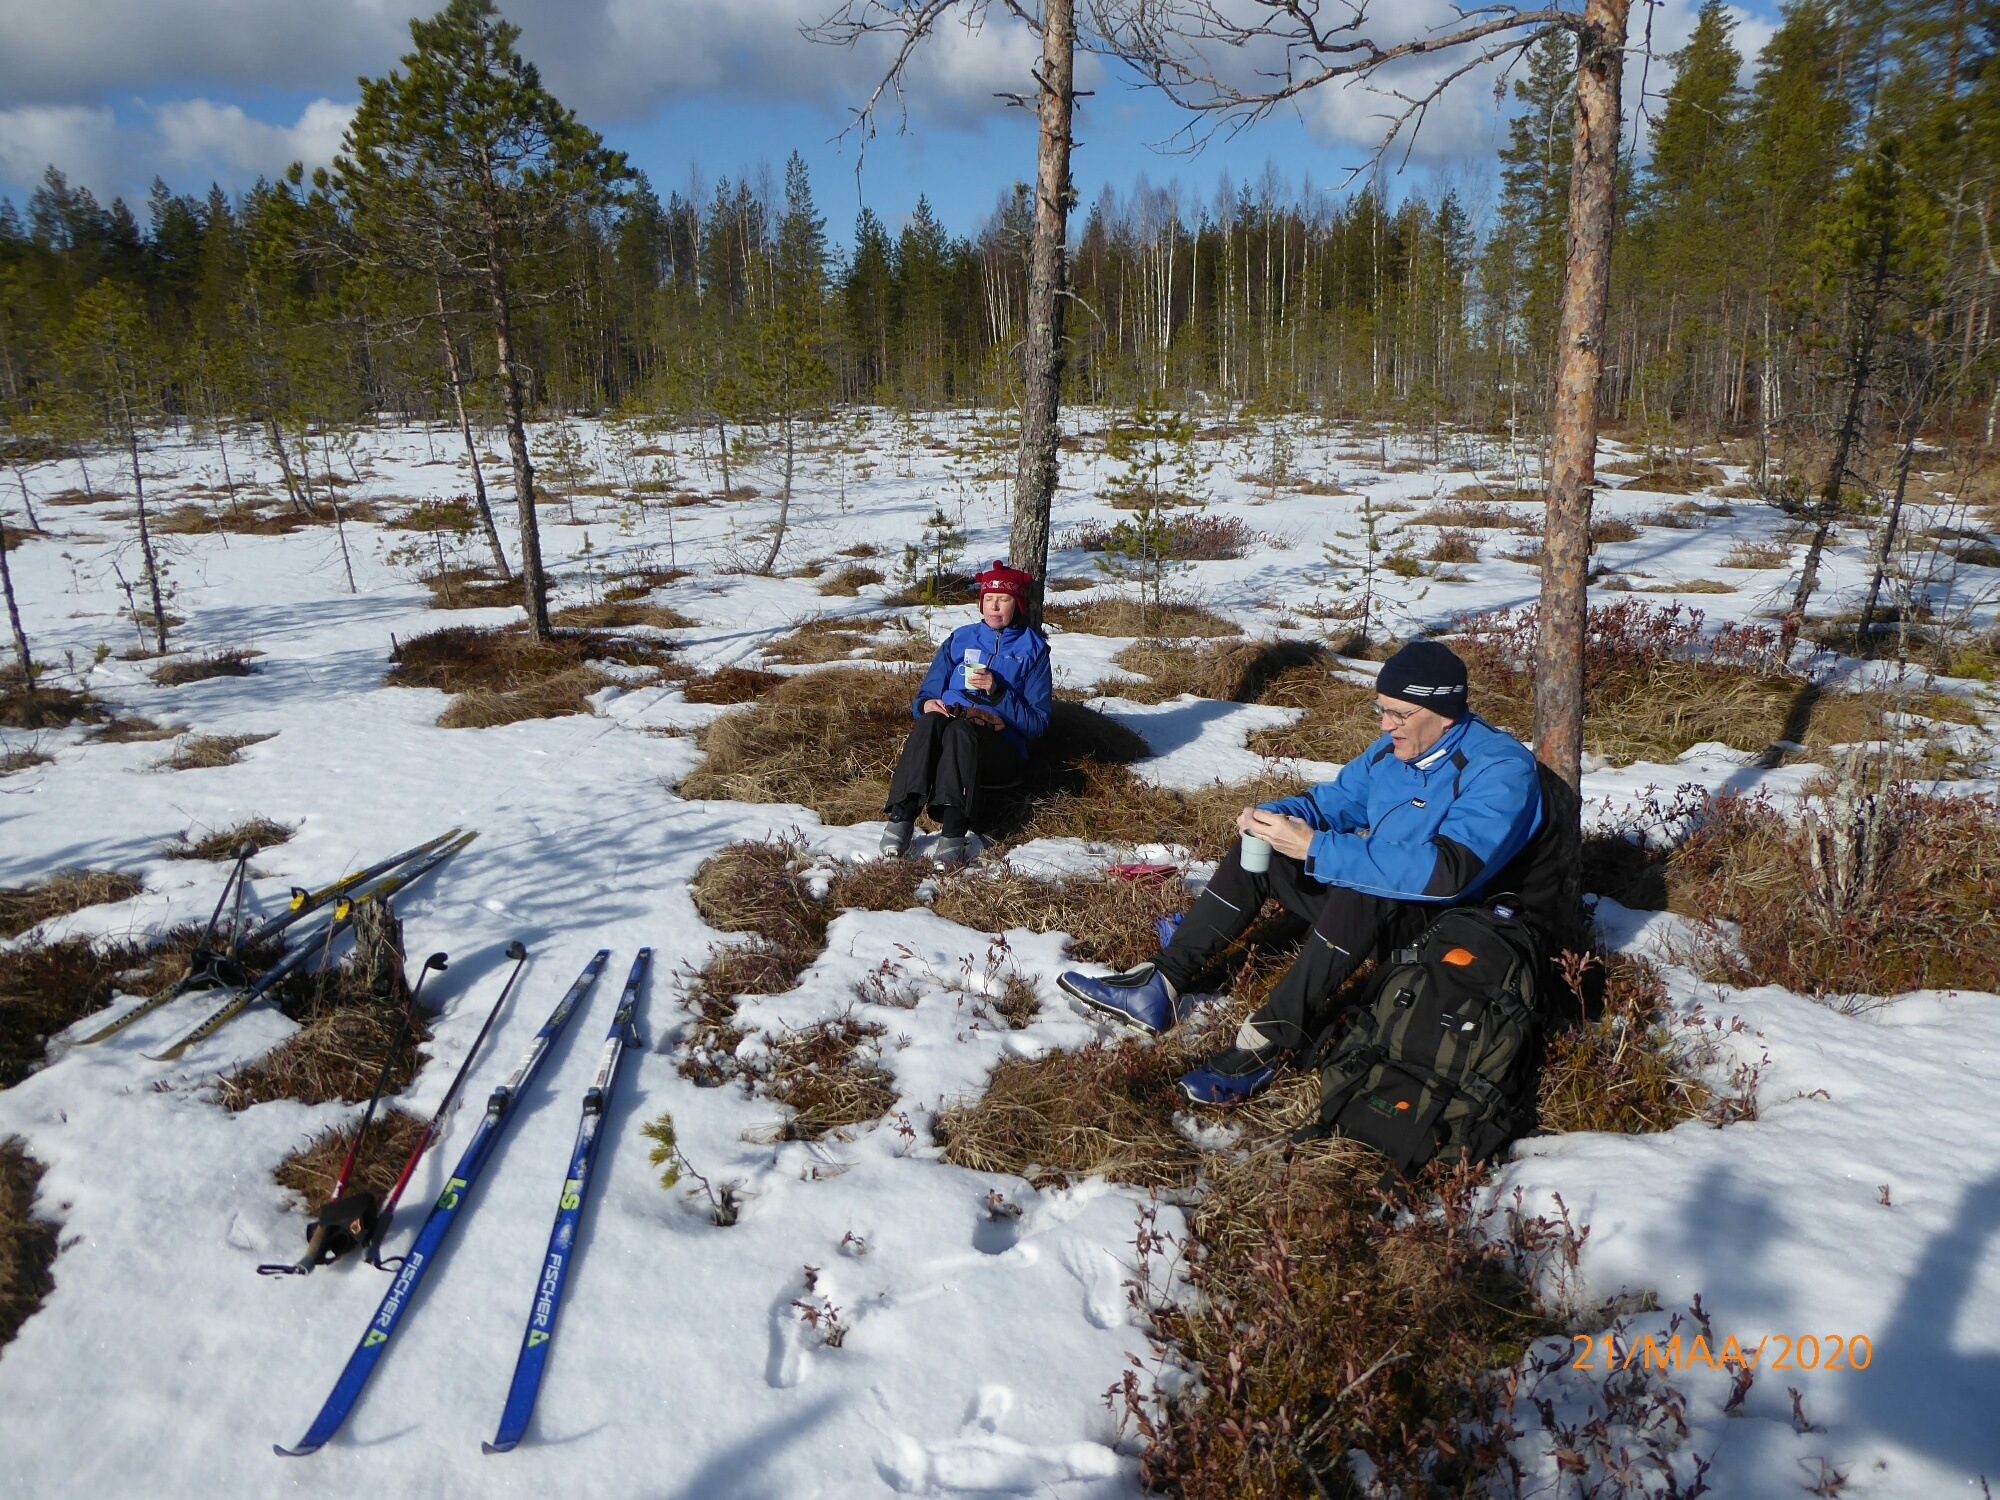 Kaksi hiihtäjää tauolla keväisessä luonnossa